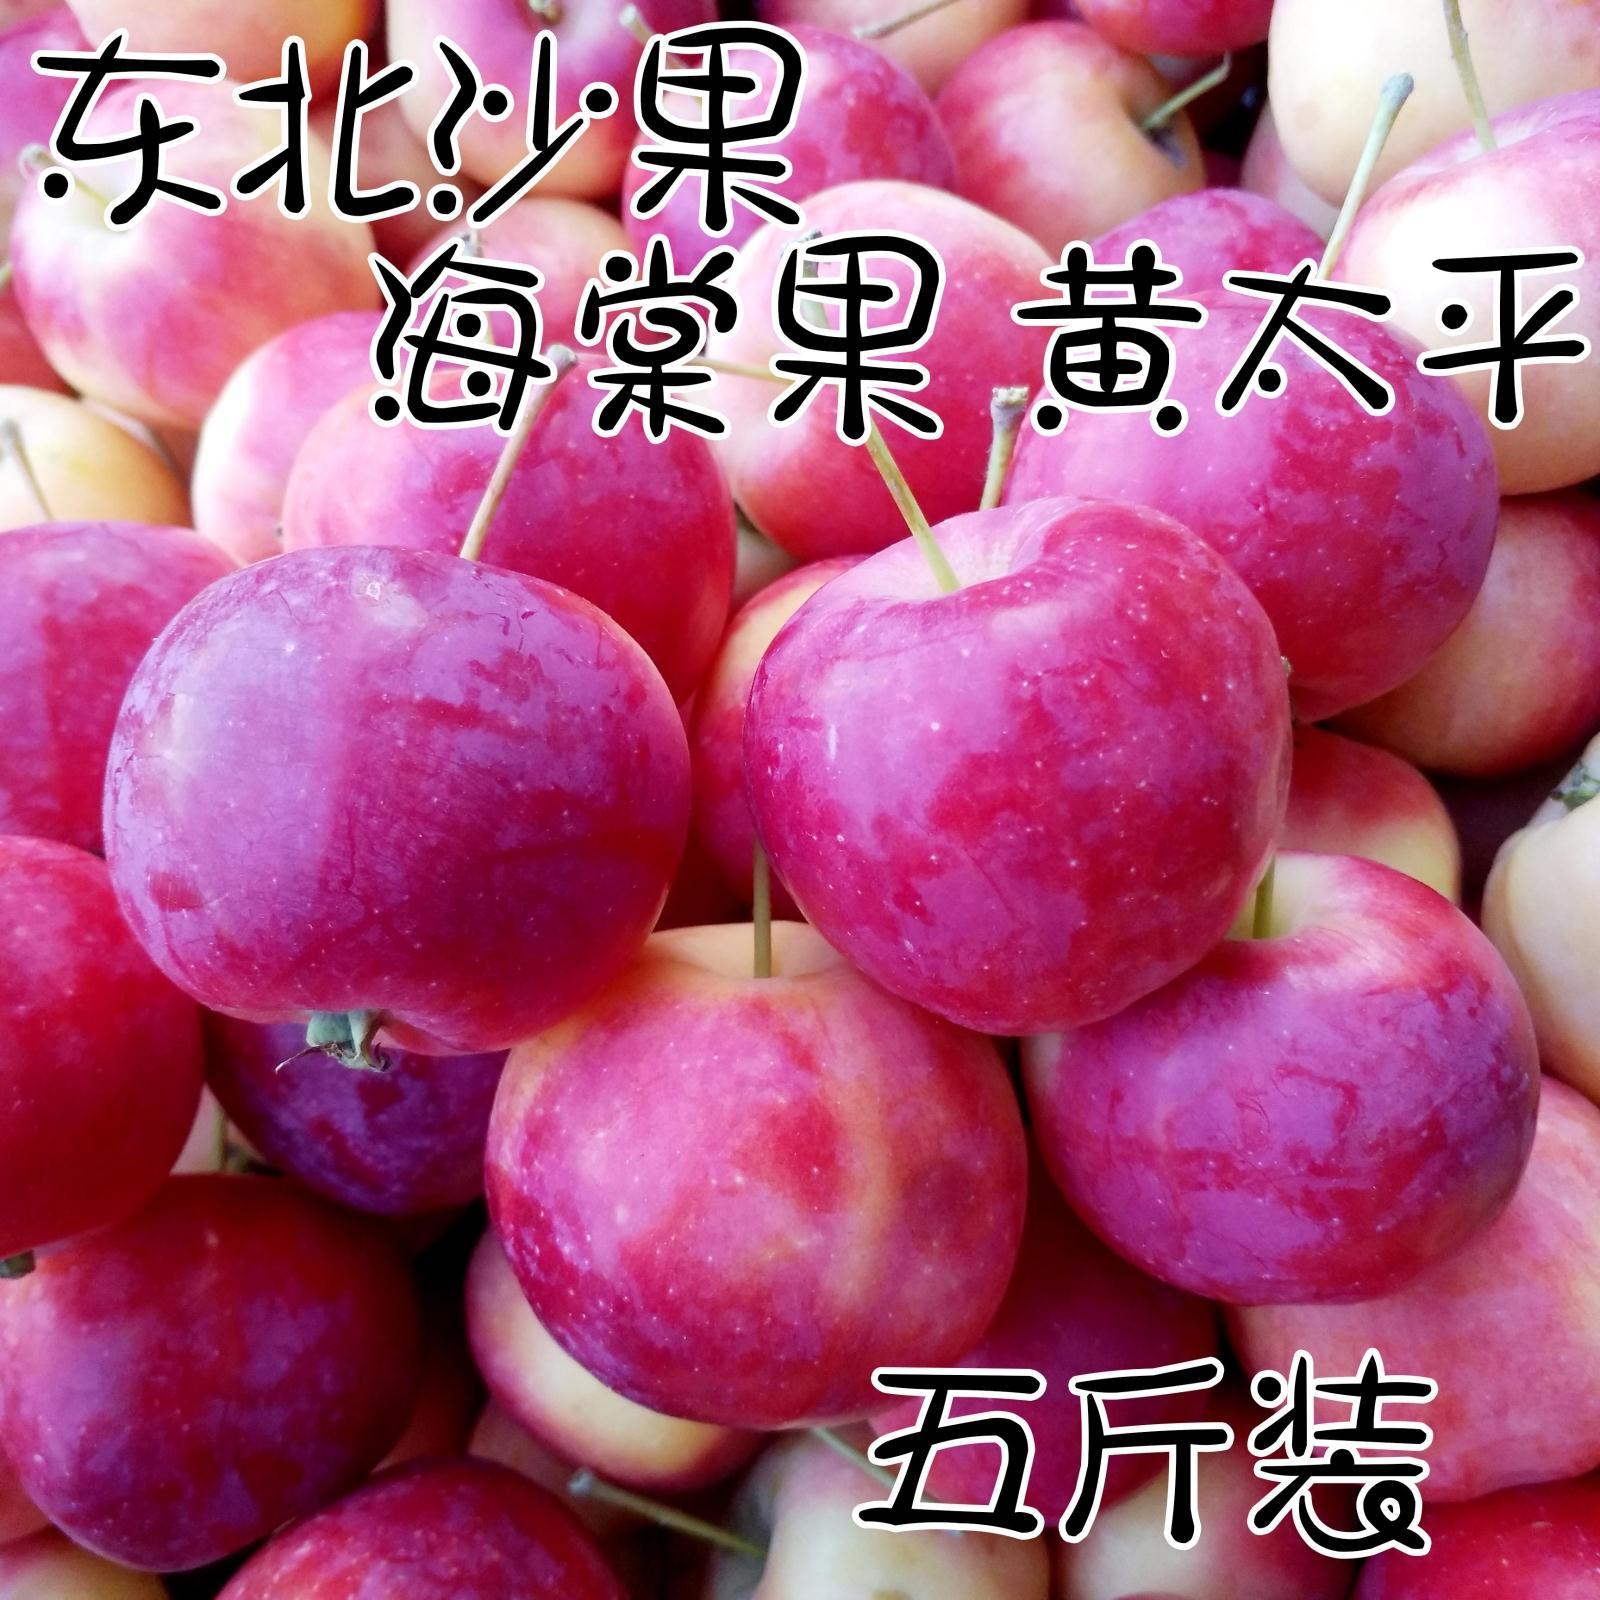 东北特产海棠果 沙果小苹果孕妇水果新鲜现摘现发一份5斤包邮农家